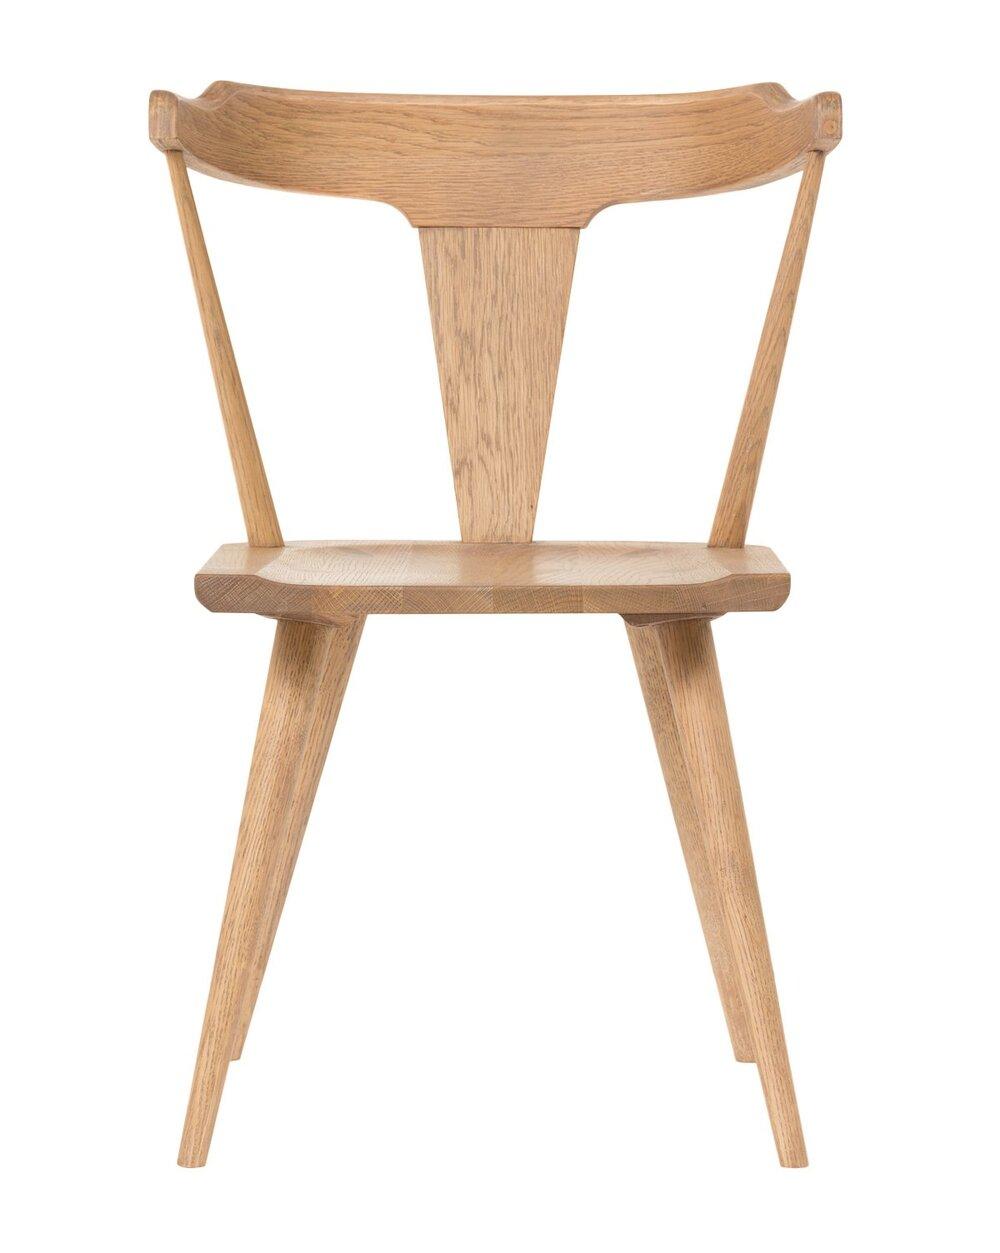 Ruthie_Dining_Chair_3_2e23ced7-a7f8-41a5-9365-97a644fcc41d.jpg